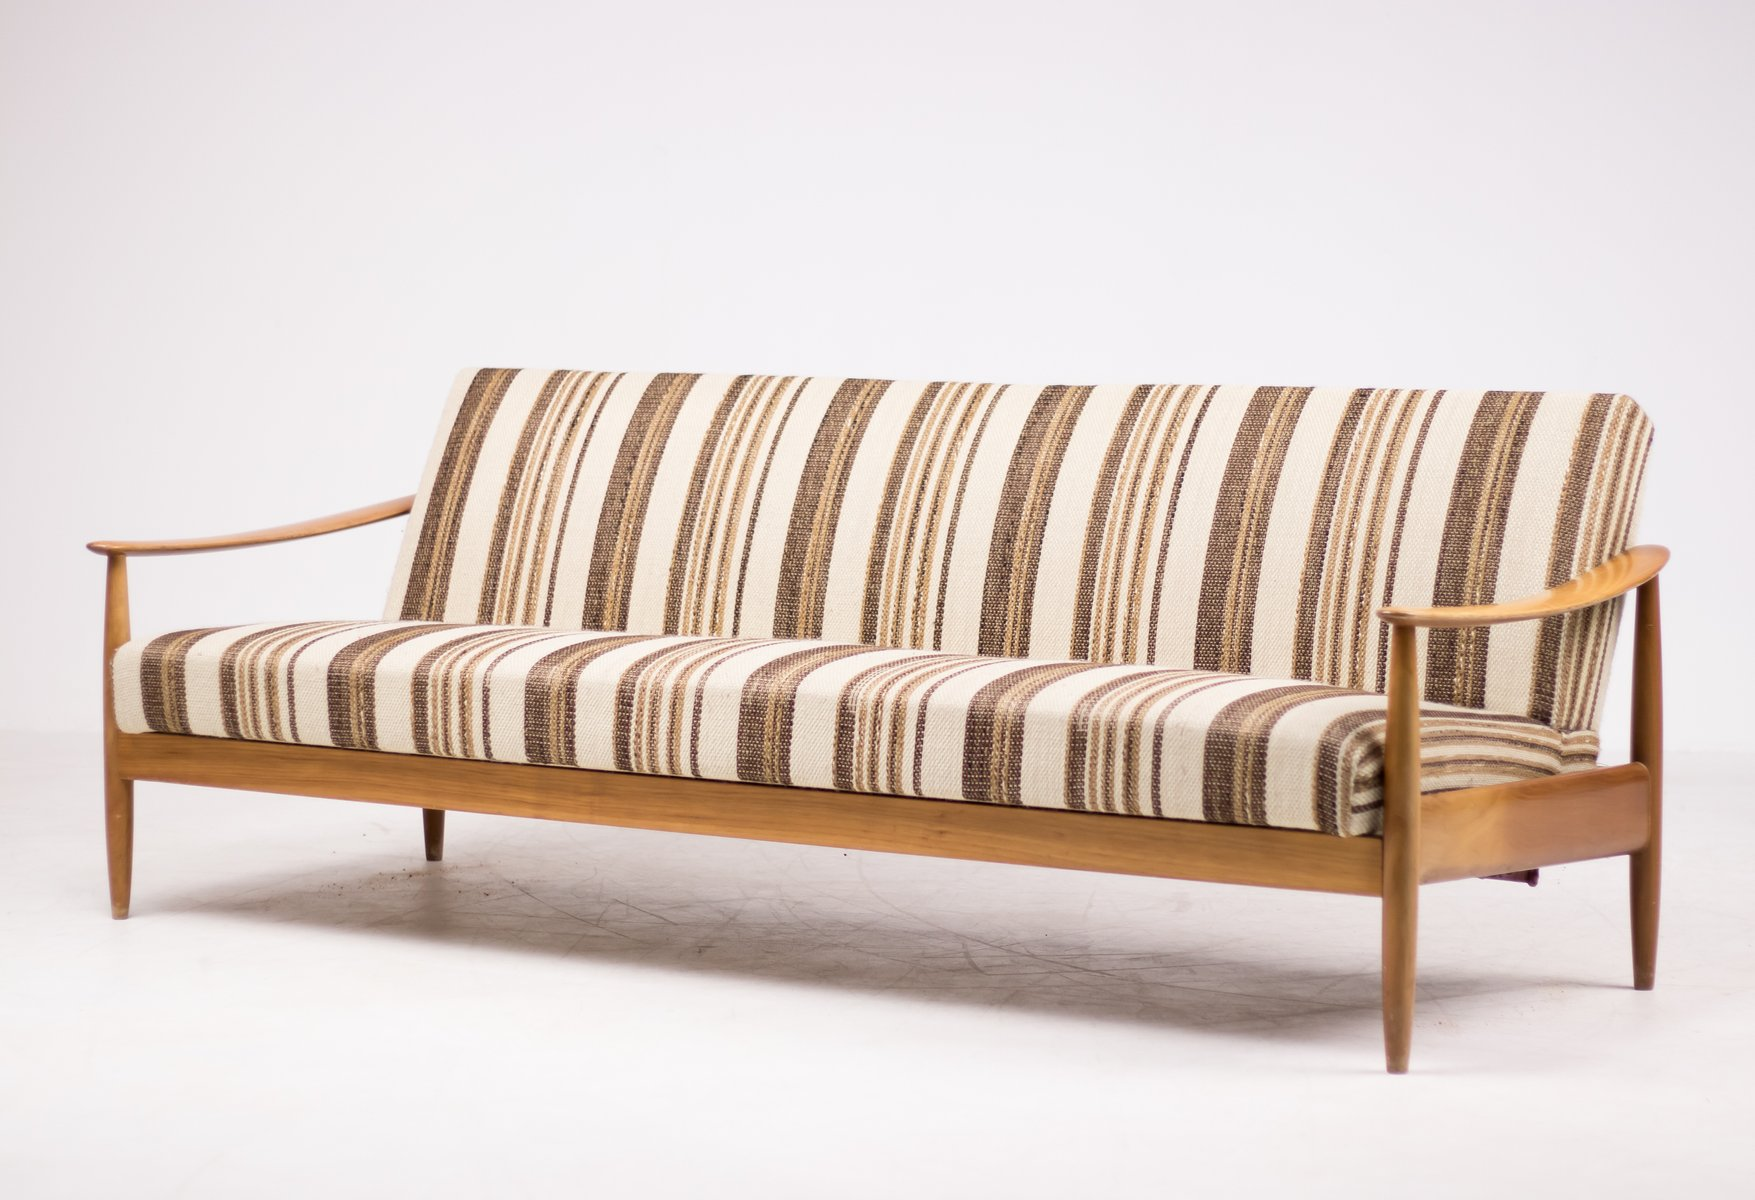 skandinavische mid century sitzgruppe mit schlafsofa bei pamono kaufen. Black Bedroom Furniture Sets. Home Design Ideas